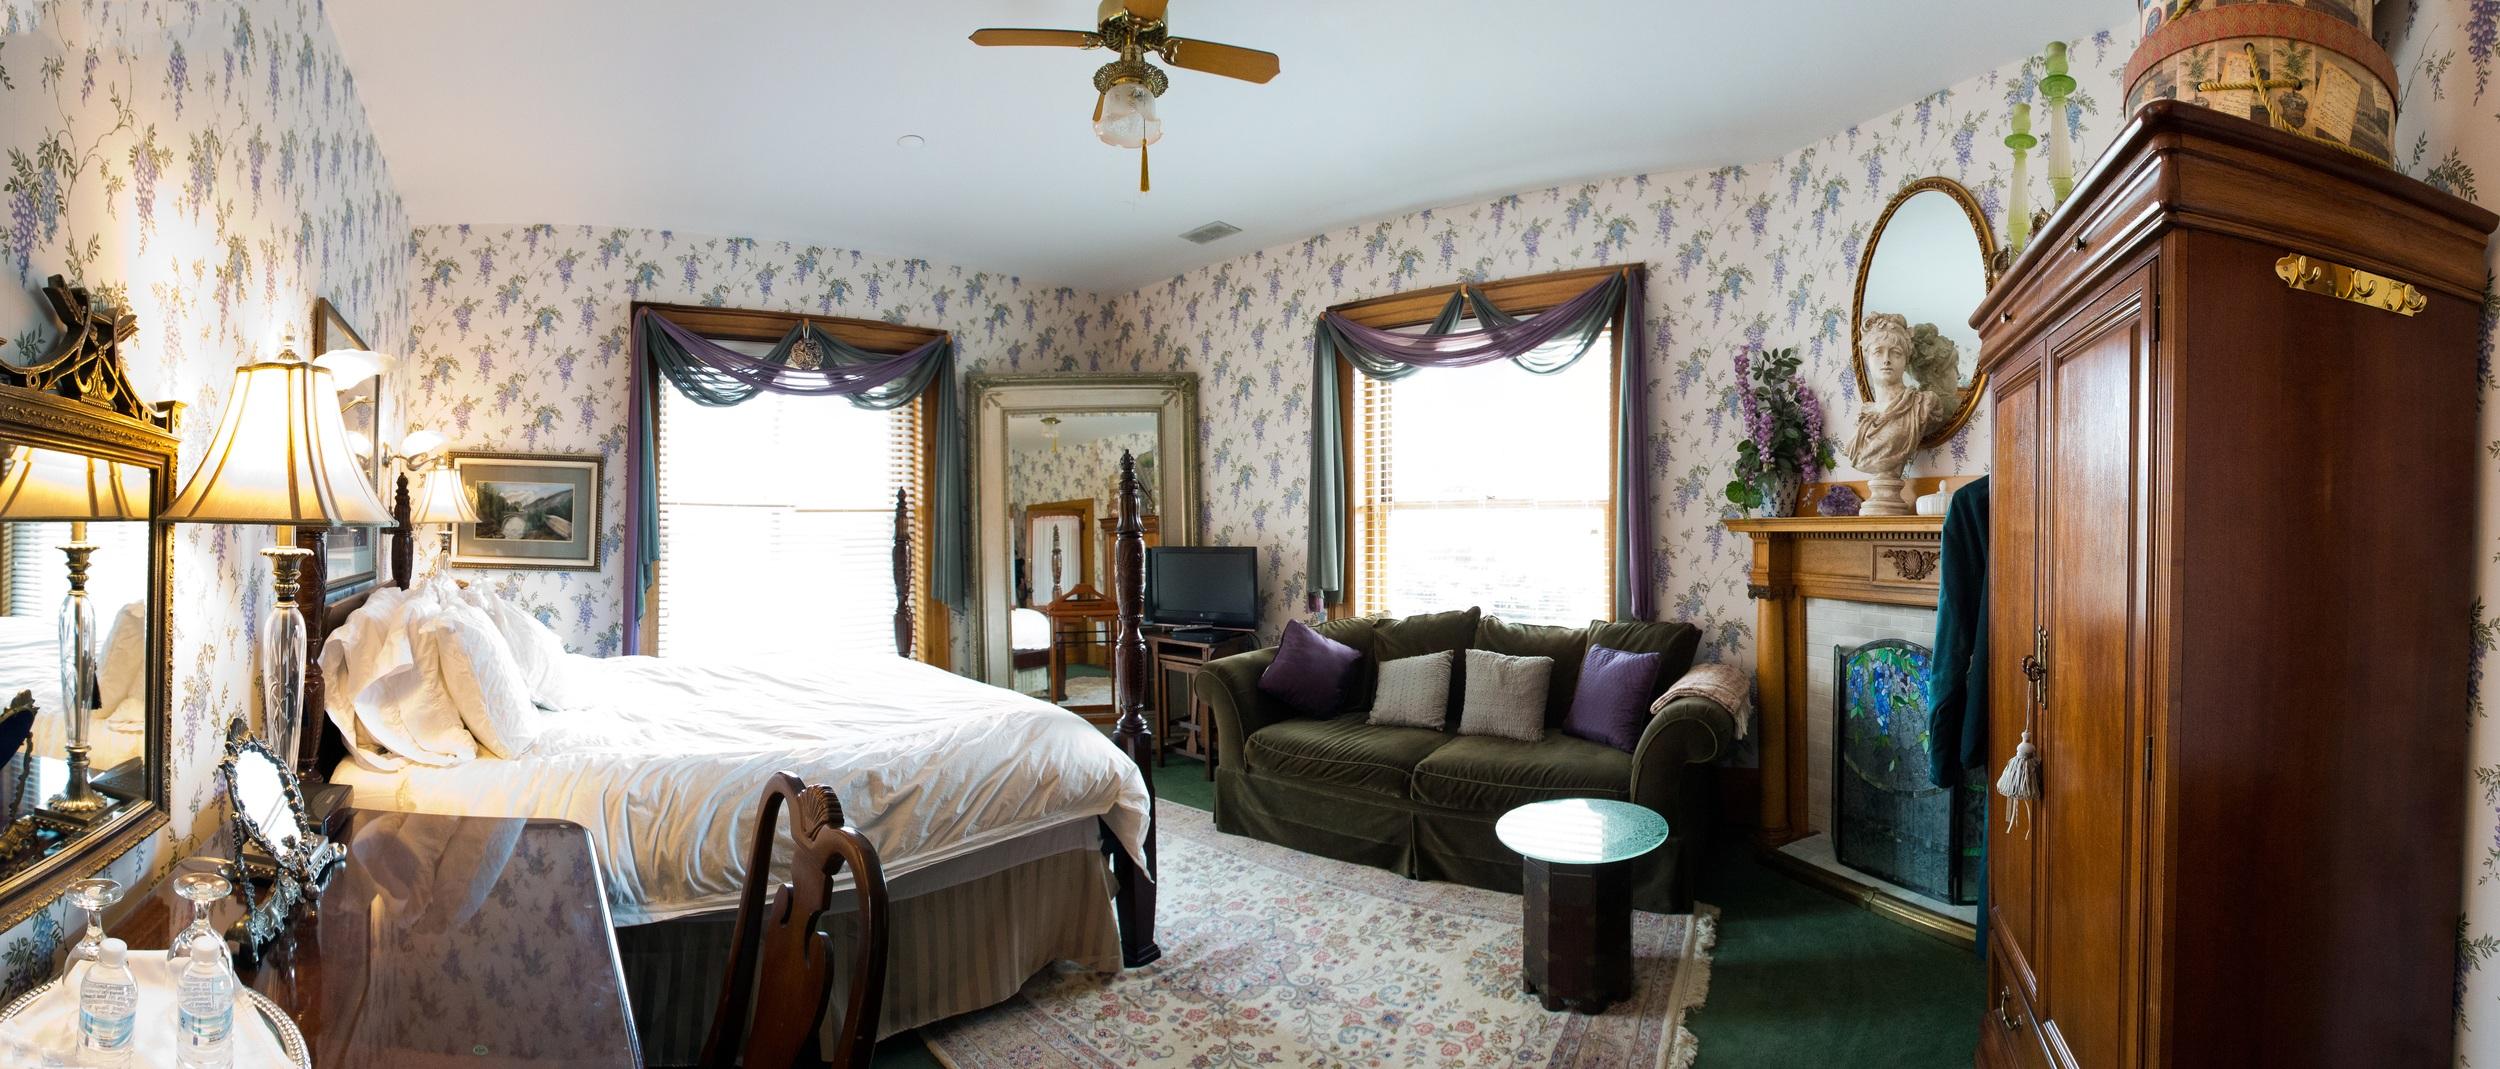 Room 2 - Single Queen Bedroom - $140 per night